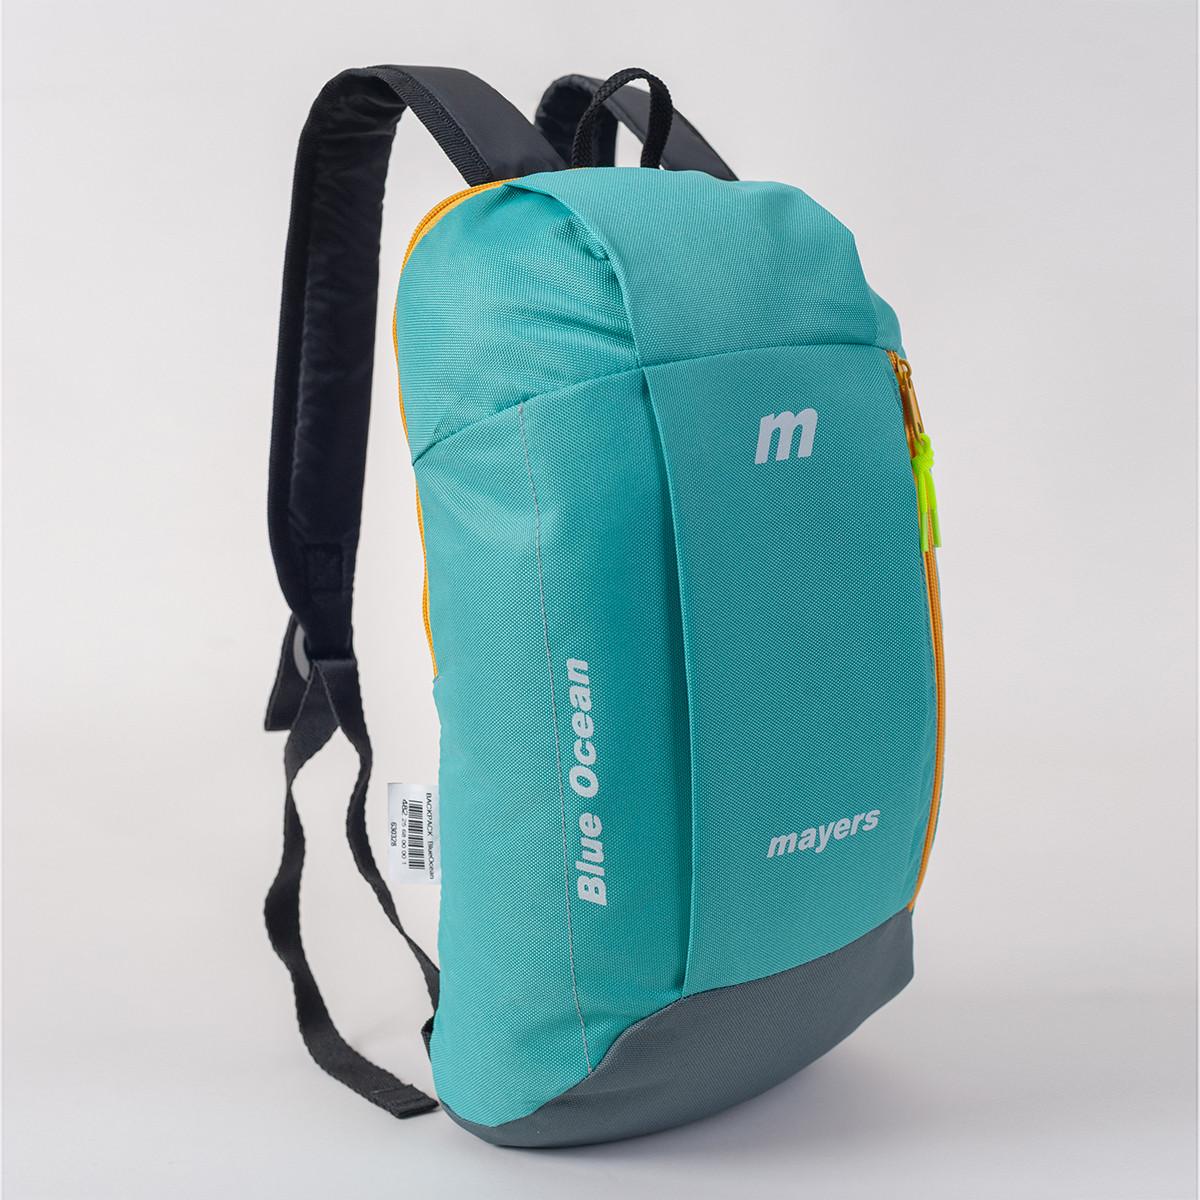 Спортивный рюкзак MAYERS 10L, бирюзовый + серый / желтая молния, фото 2